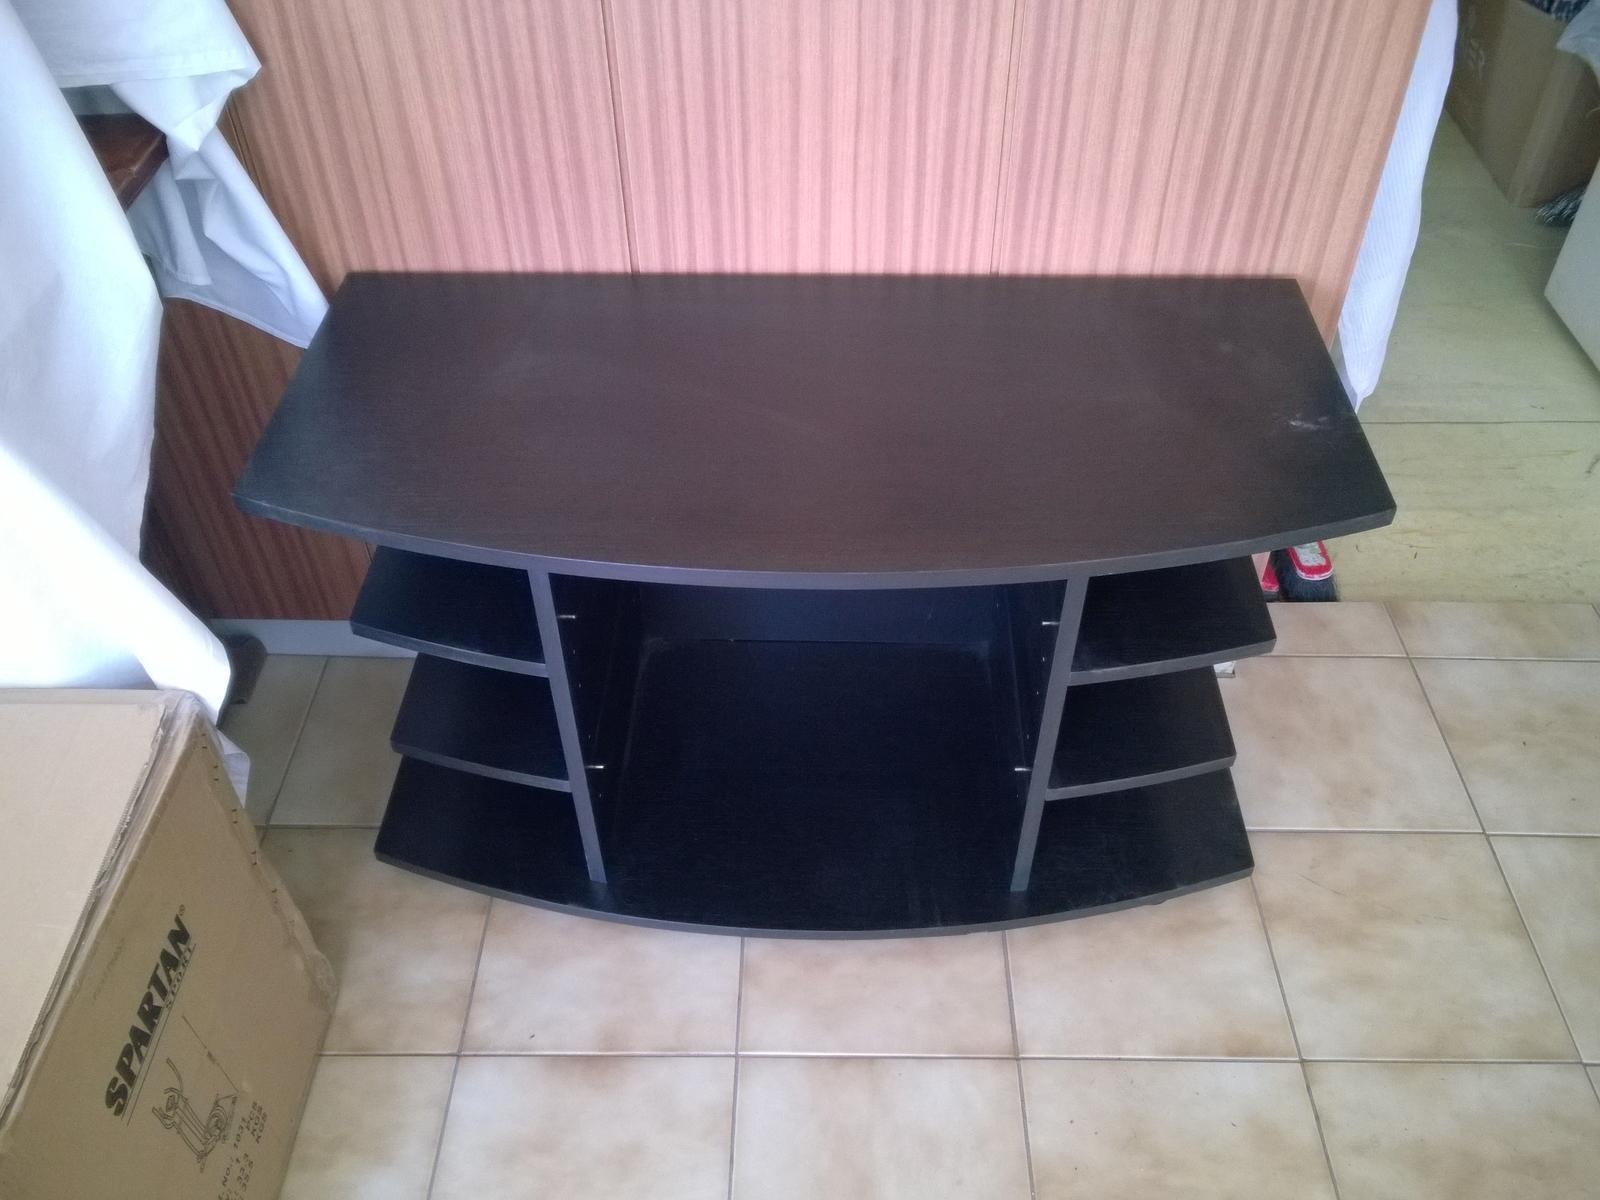 stolík pod TV - Obrázok č. 4